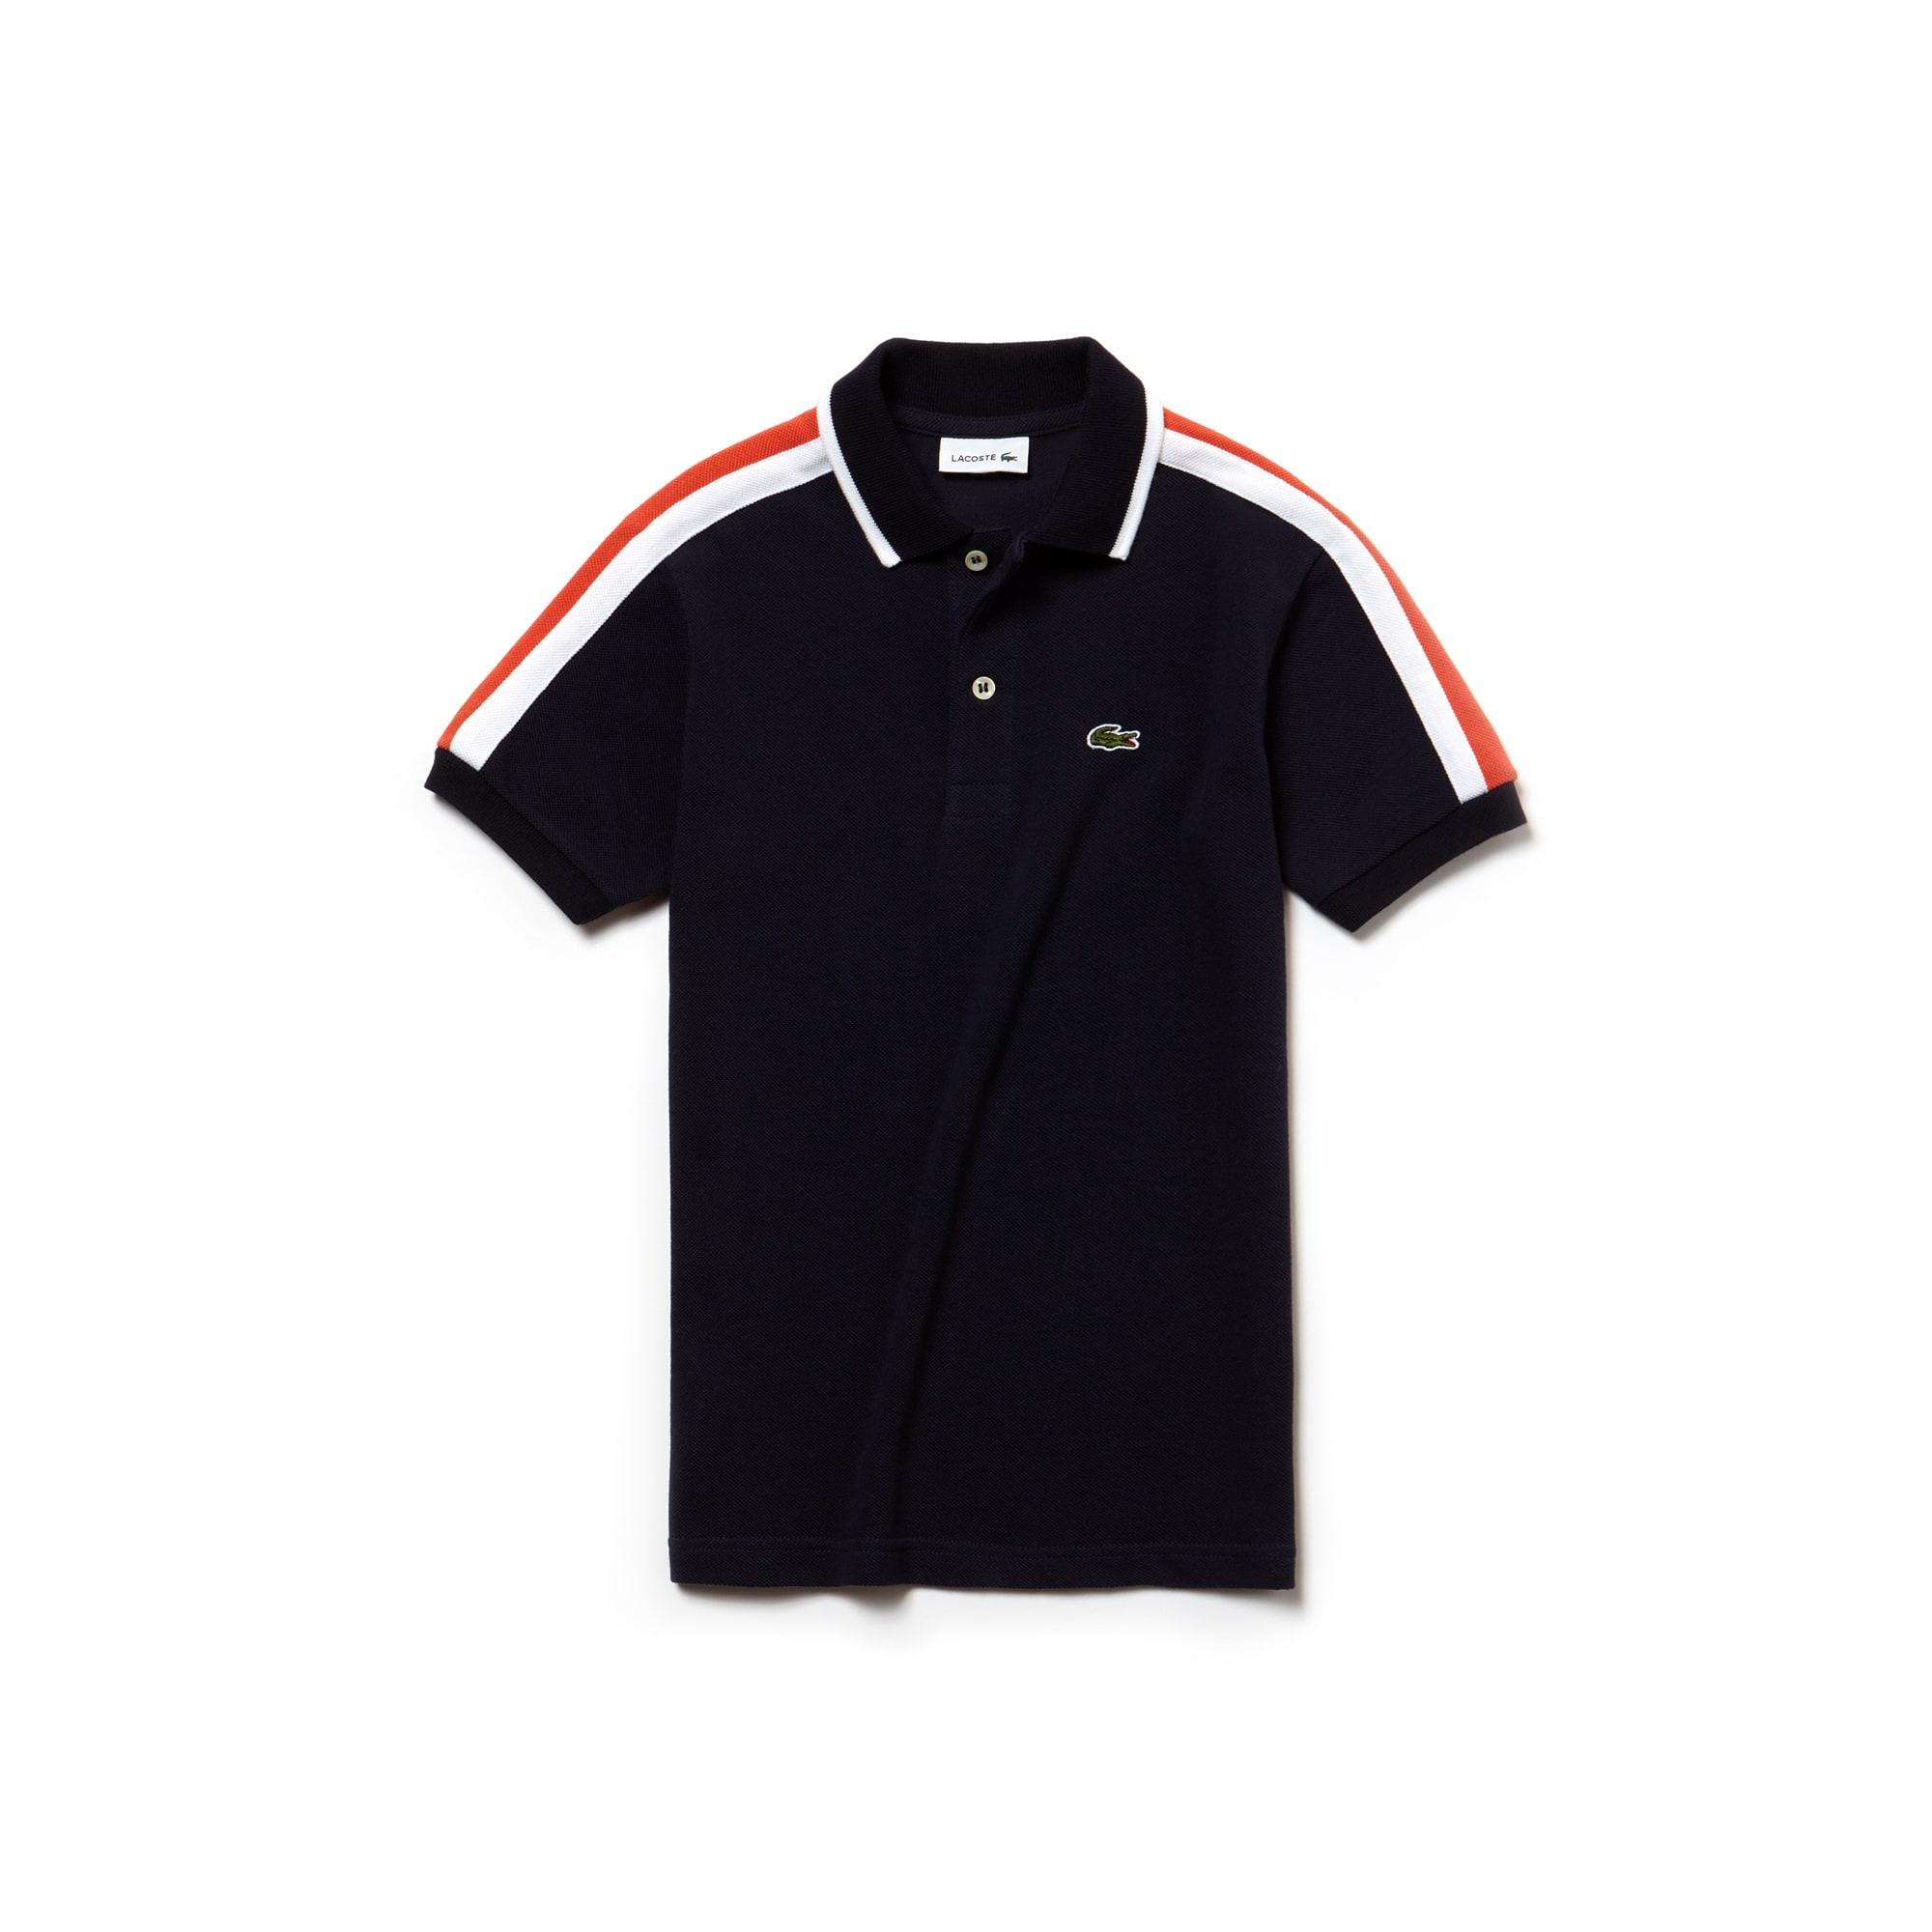 LACOSTE Jungen-Poloshirt aus Petit Piqué im Colorblock-Design